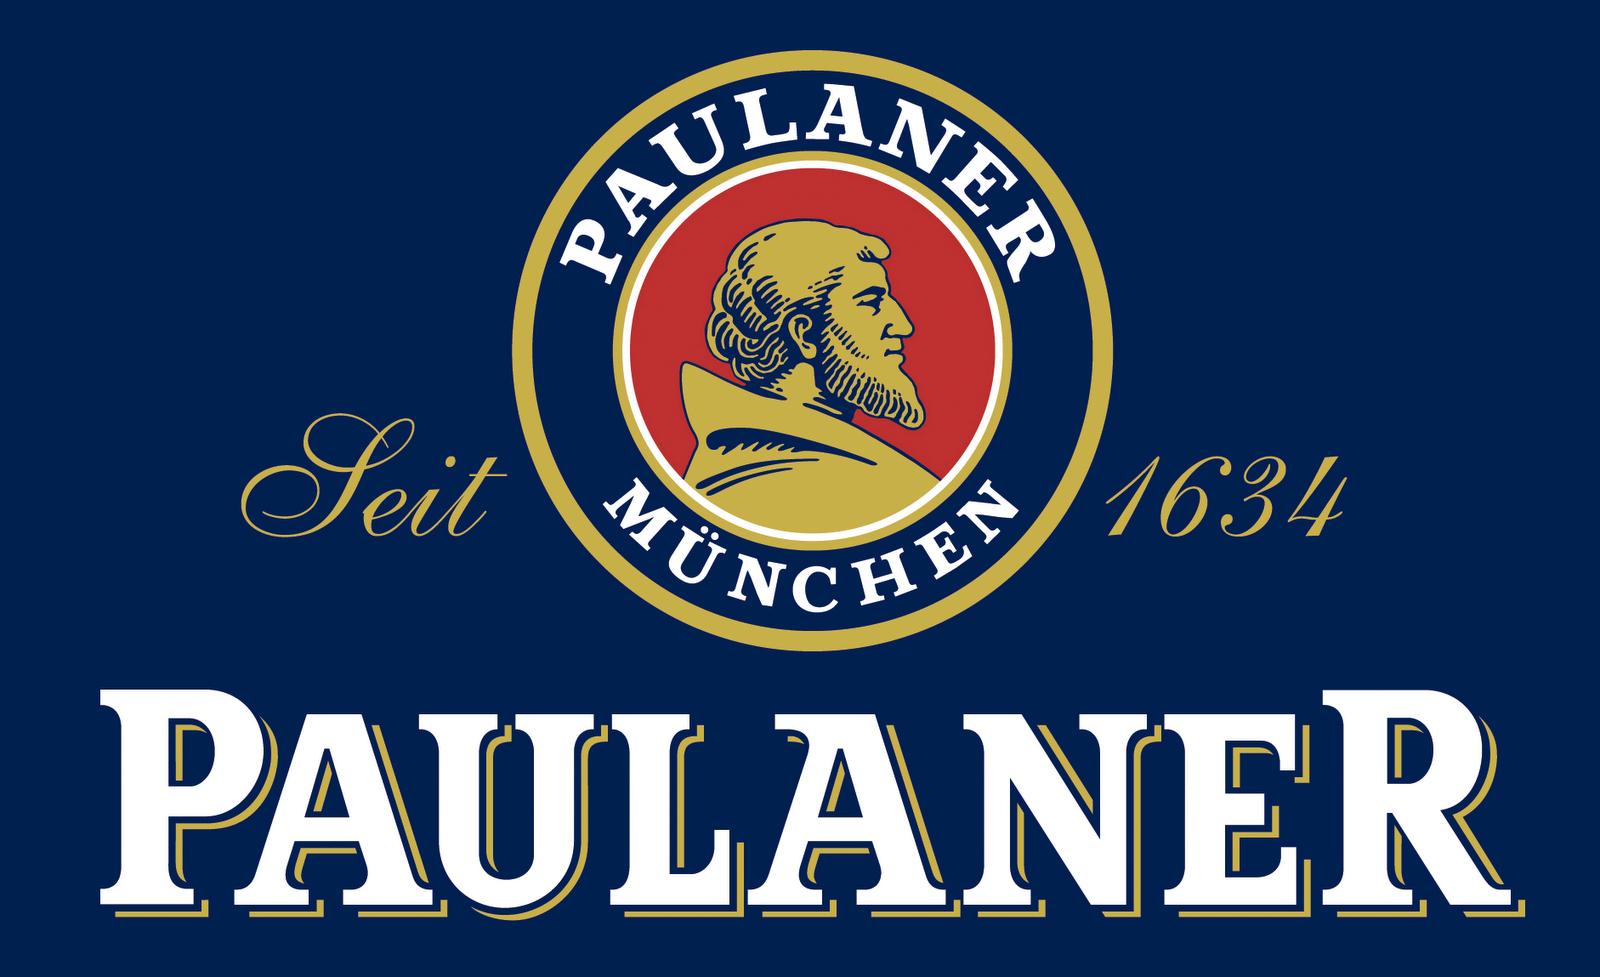 paulaner-weißbier-münchen.png